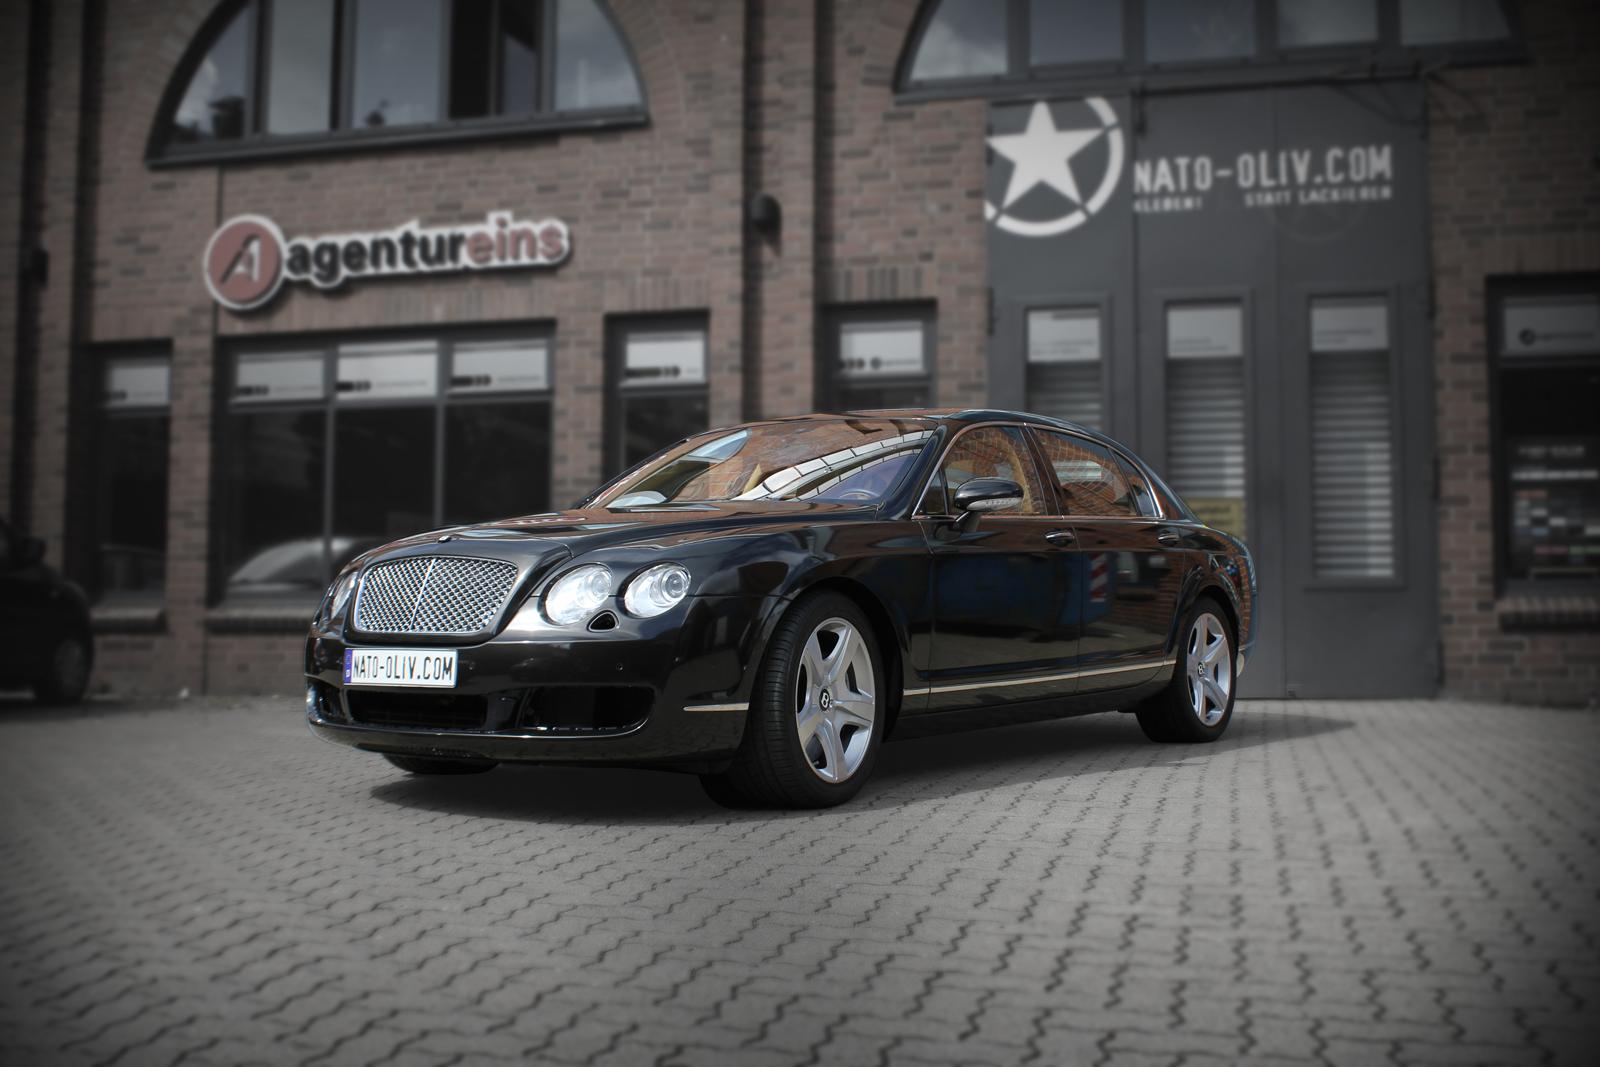 schraege Frontalansicht des Bentley Continental mit Folie in schwarz metallic glanz beklebt